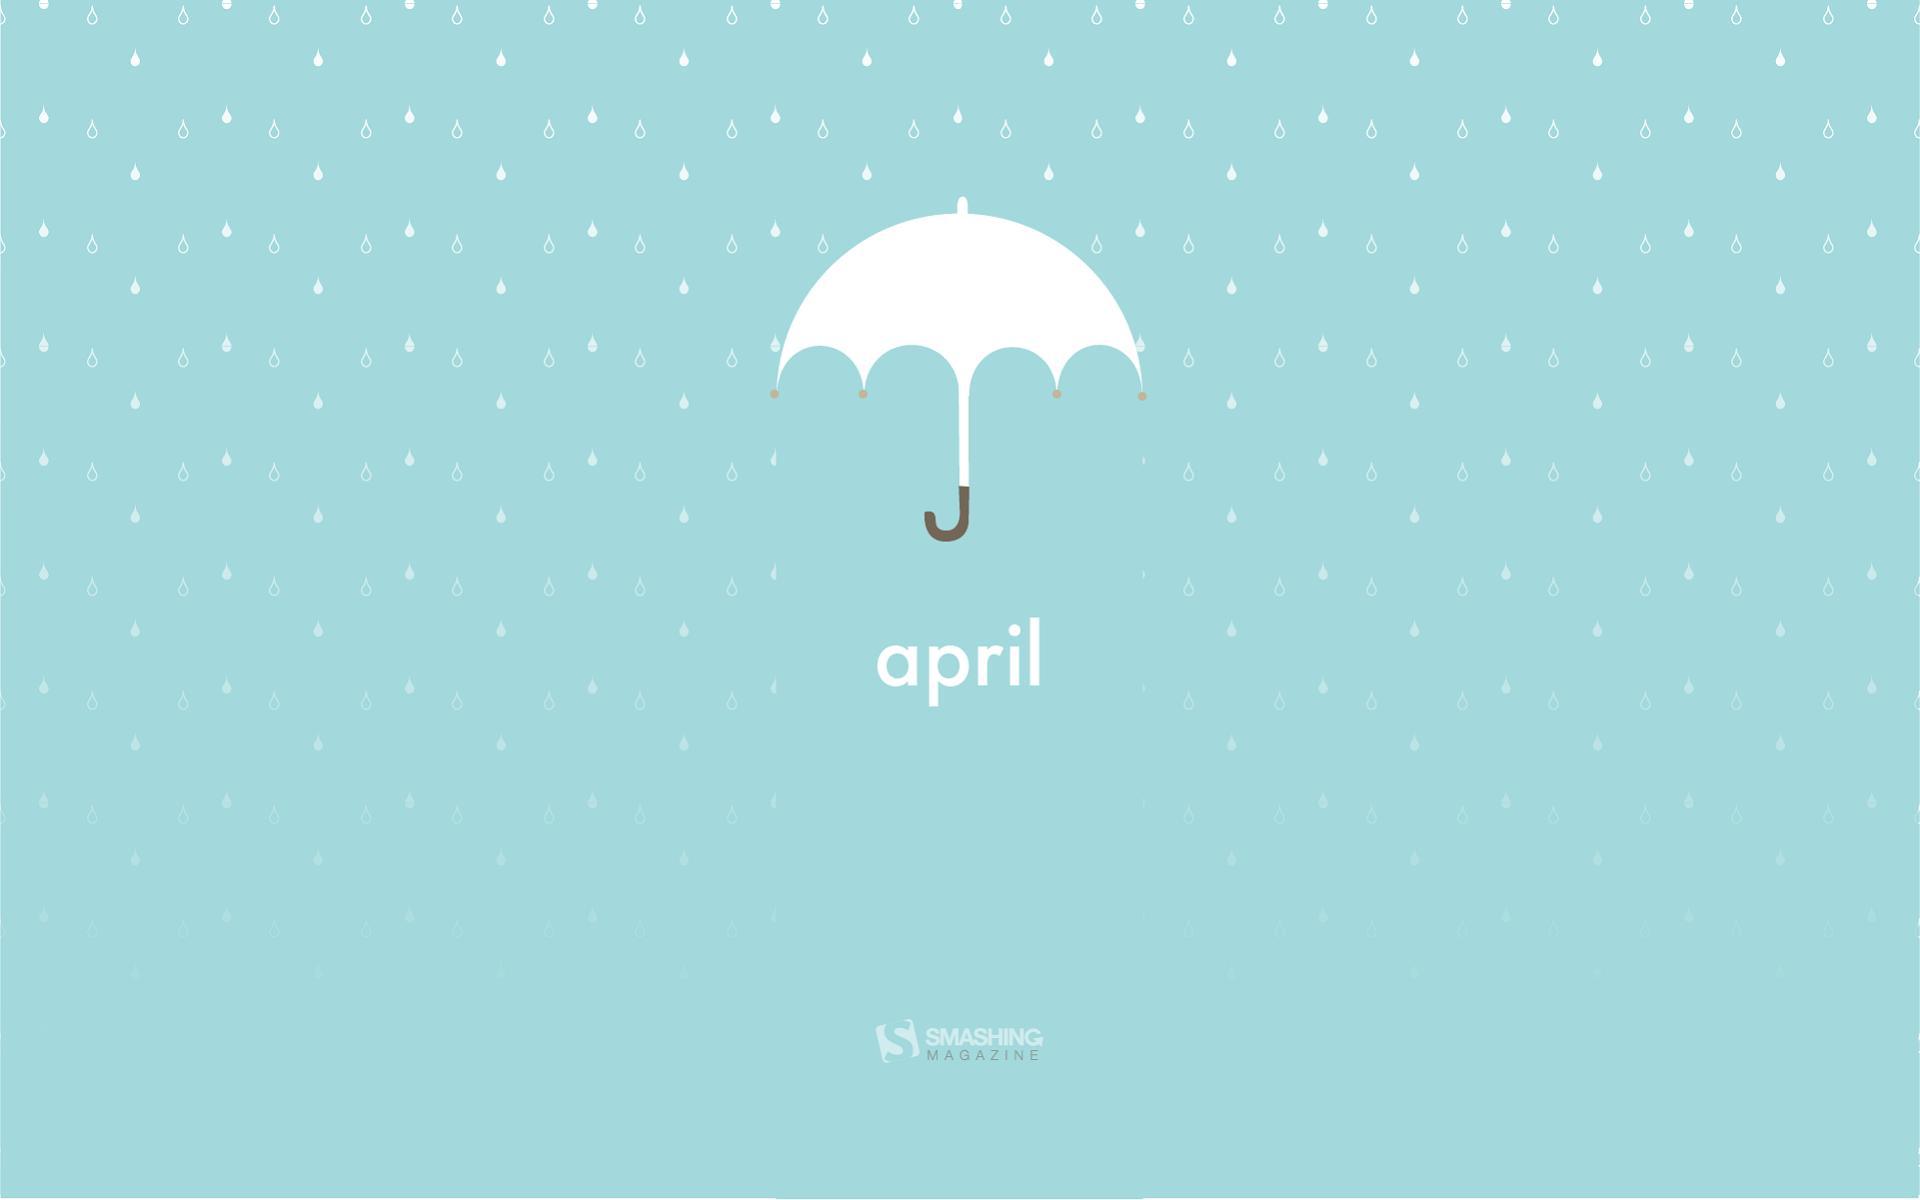 Download April Umbrella Wallpaper Wallpapers 1920x1200